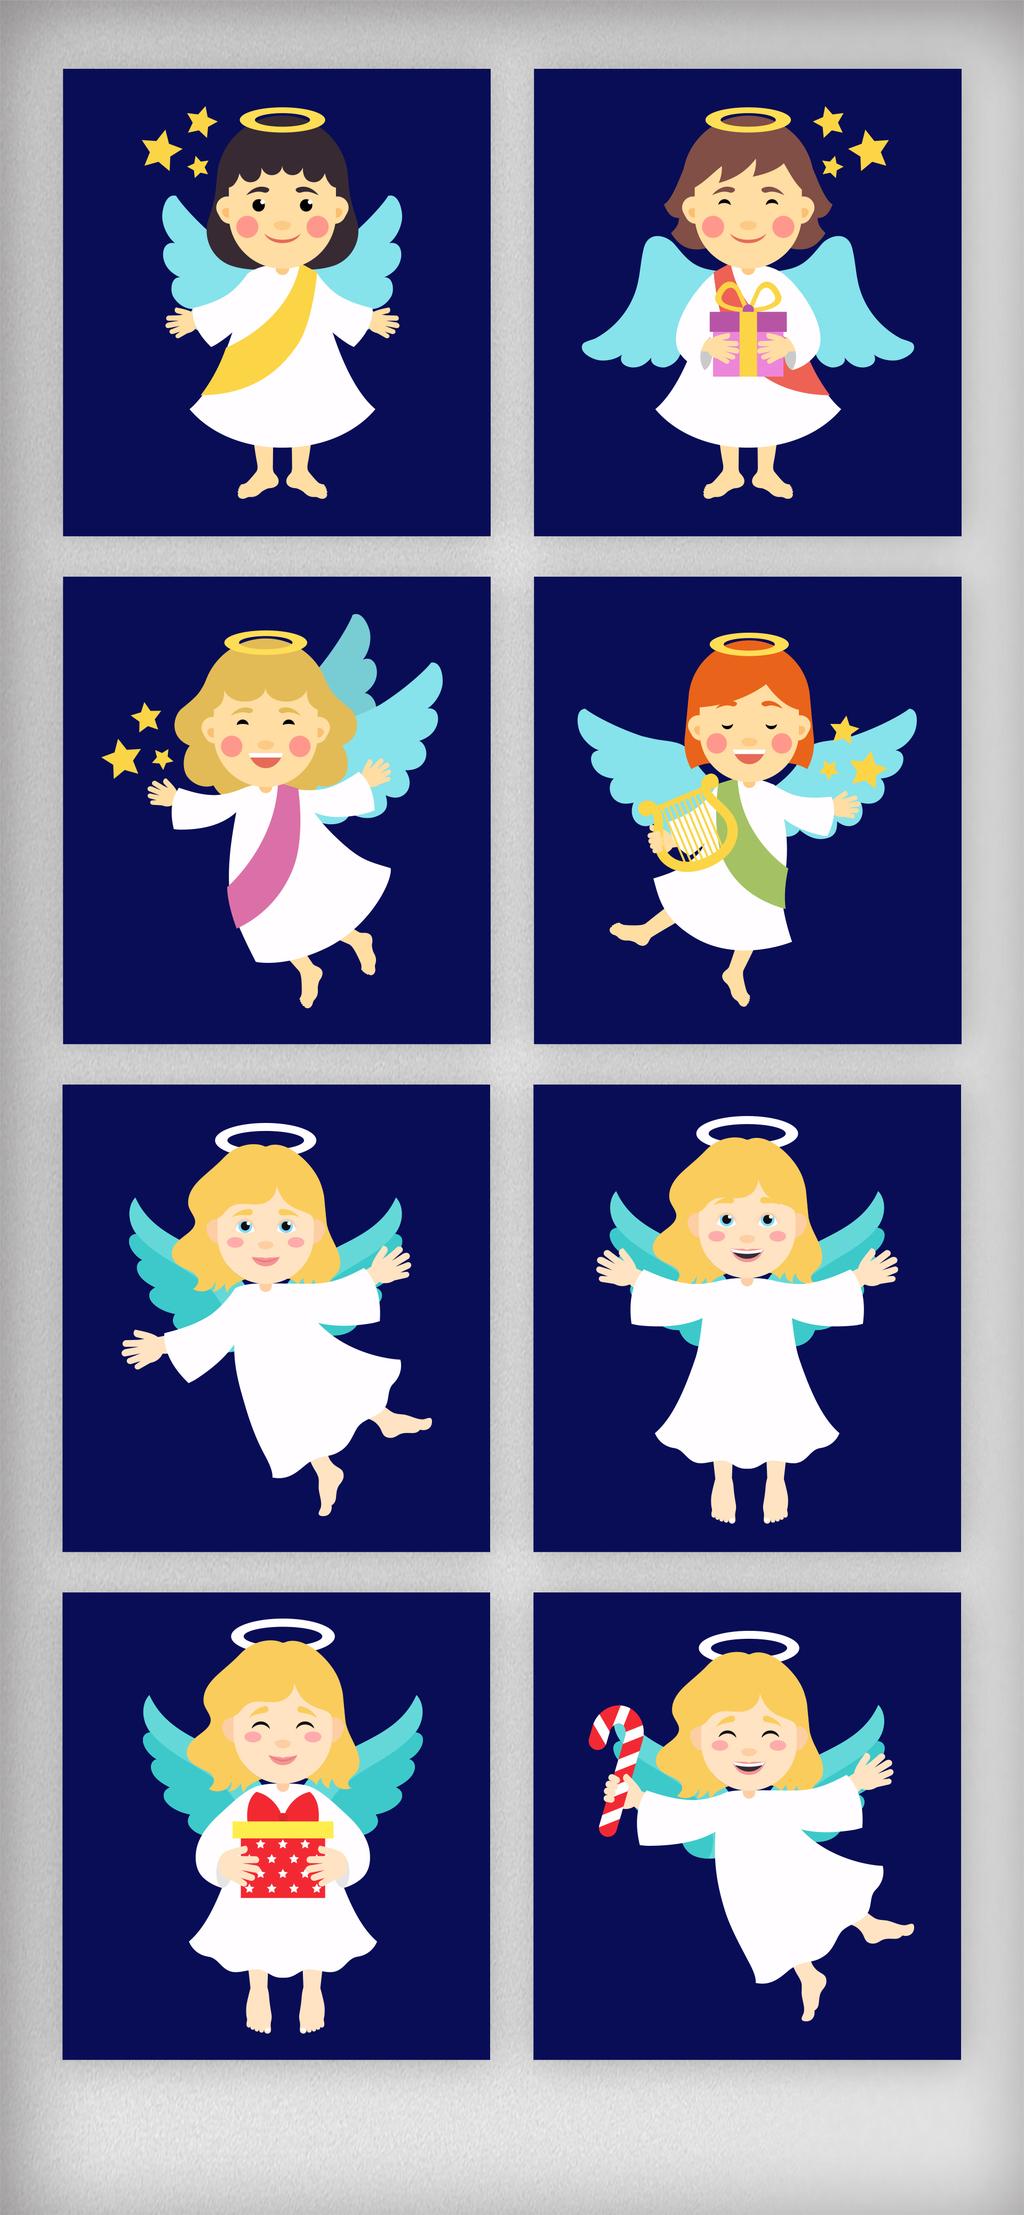 设计元素 人物形象 儿童 > 手绘可爱小天使矢量元素   图片编号